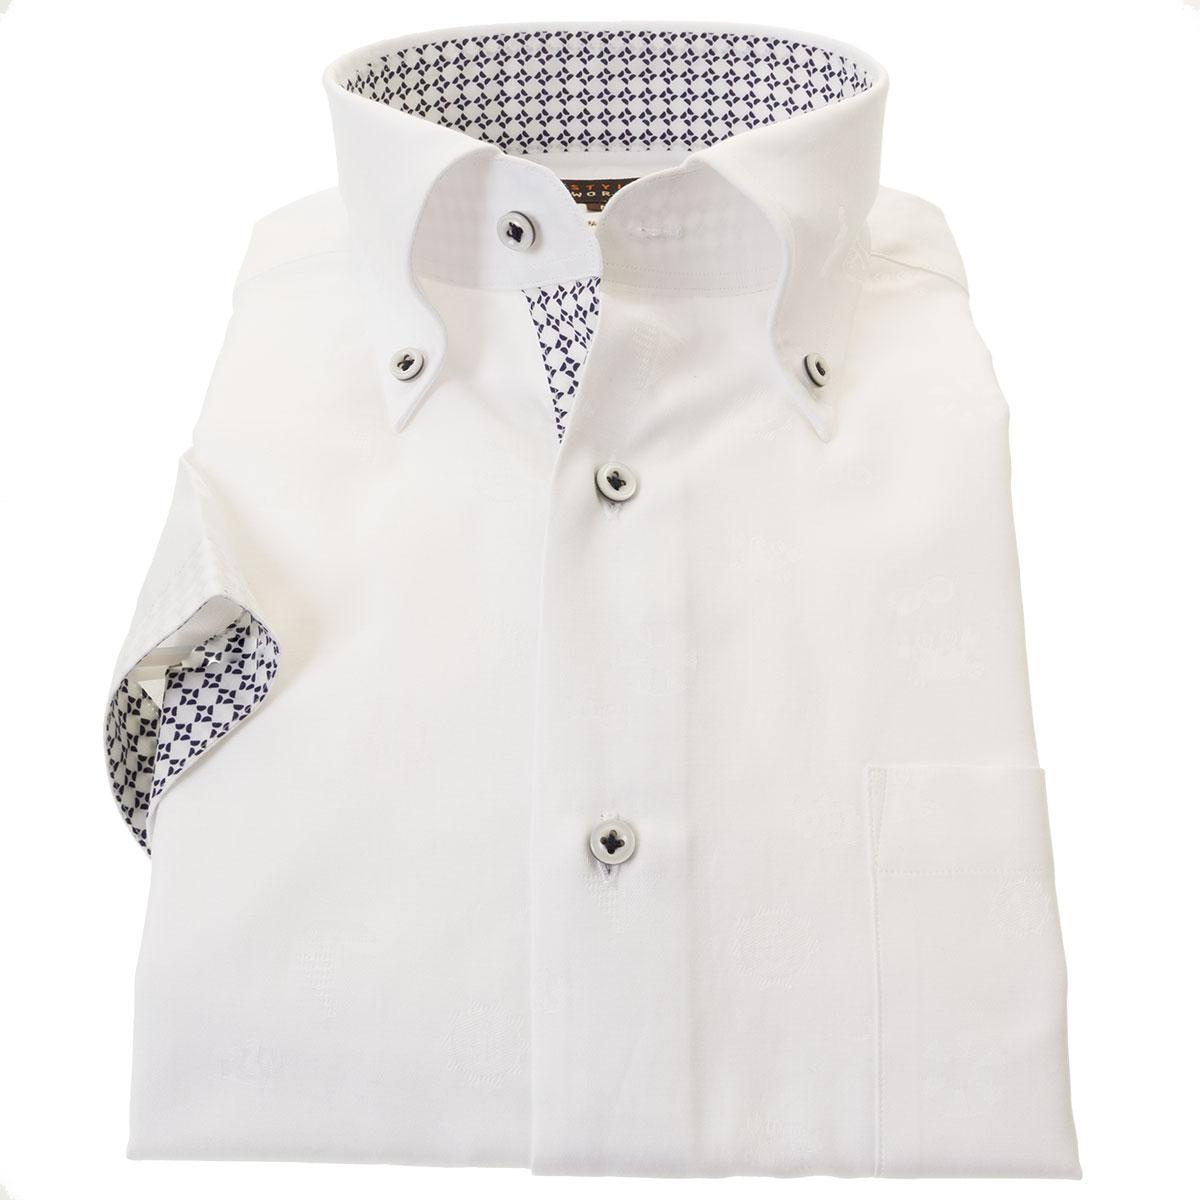 国産半袖ドレスシャツ 綿100% スリムフィット ボタンダウン ホワイト ジャガード織 海モチーフドット柄 碇 ヨット 浮き輪メンズ 【DEAL】